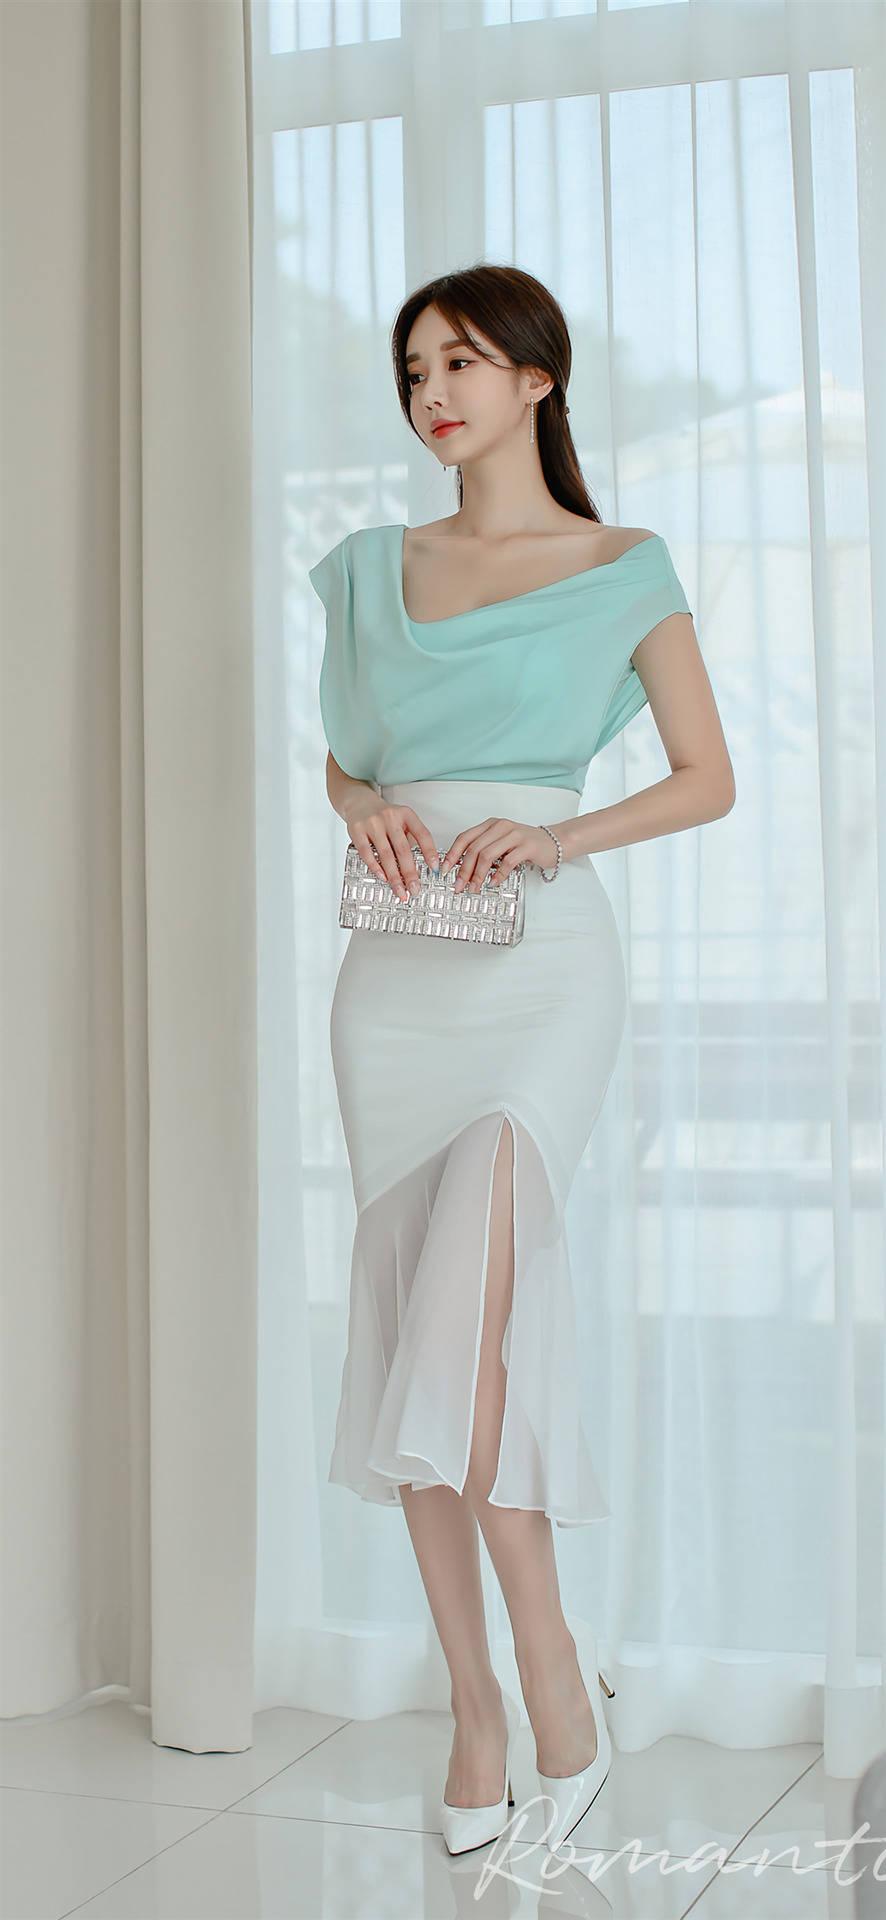 韩国美女孙允珠时尚连衣裙美图欣赏